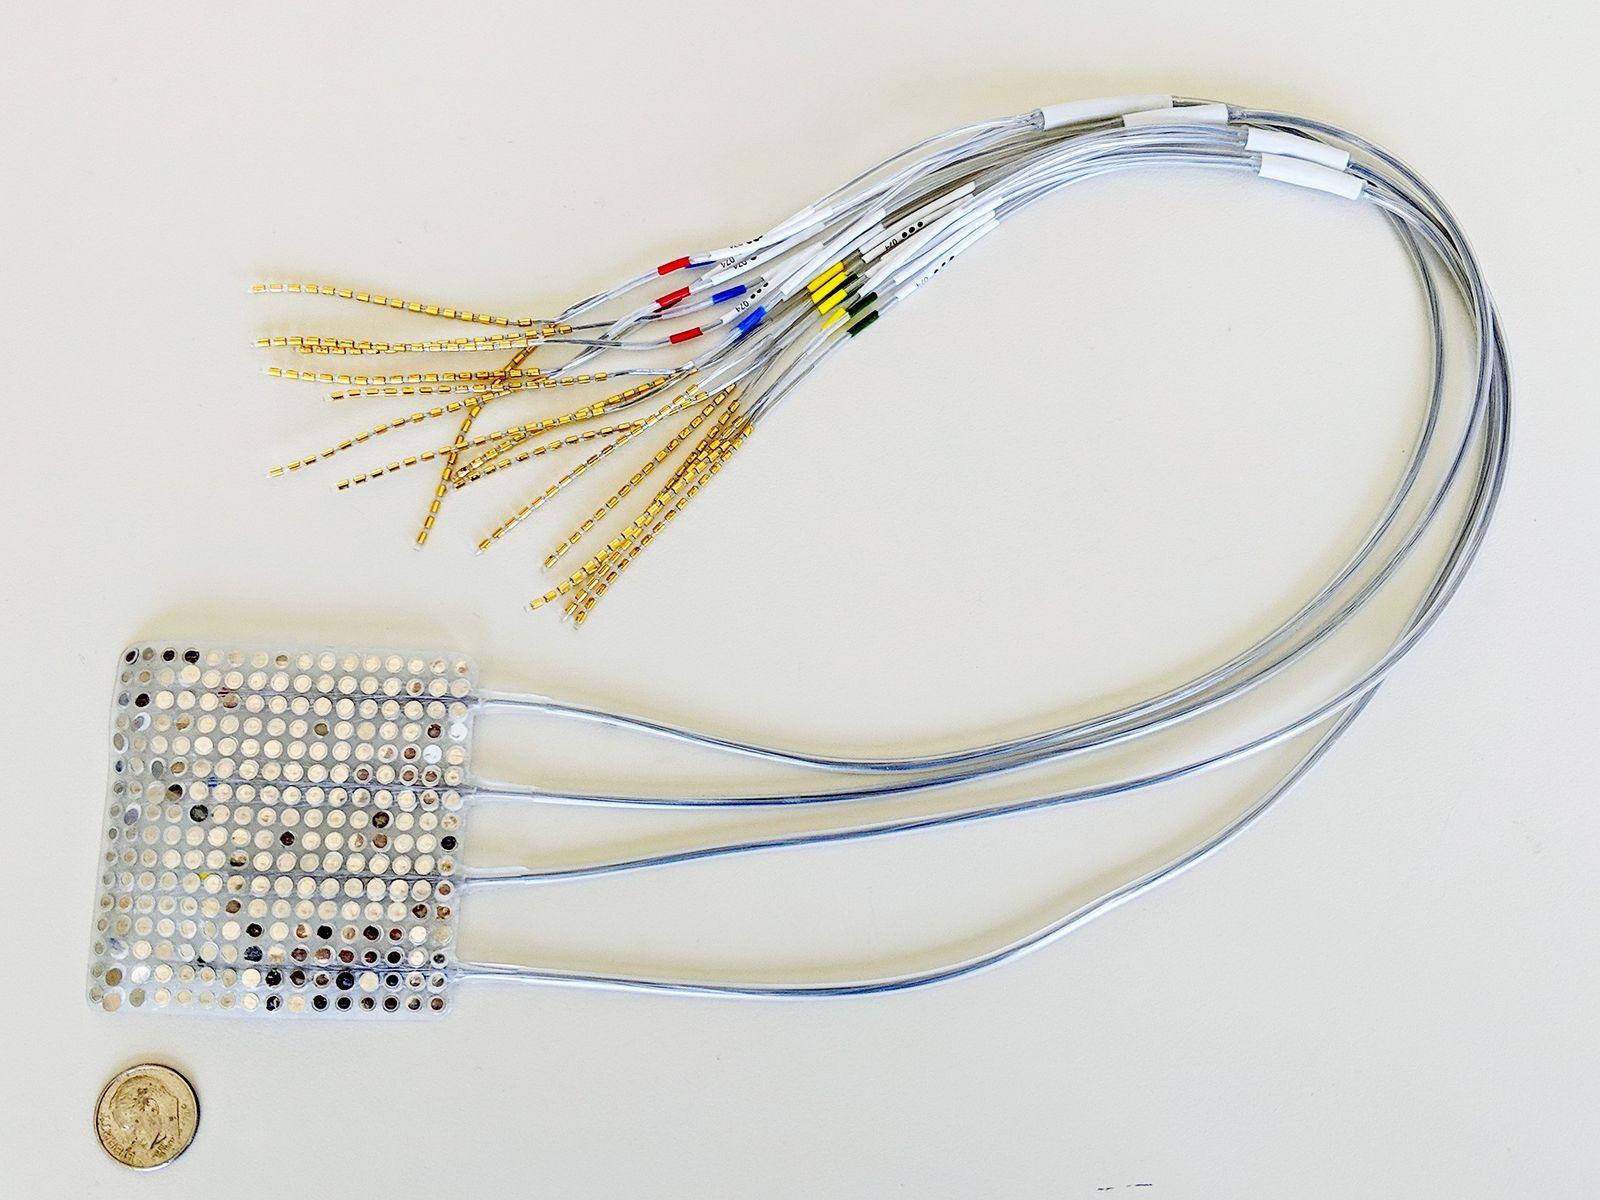 Dieses Elektrodengitter von der Größe einer Briefmarke wird direkt auf dem Gehirn der Patienten platziert und ...